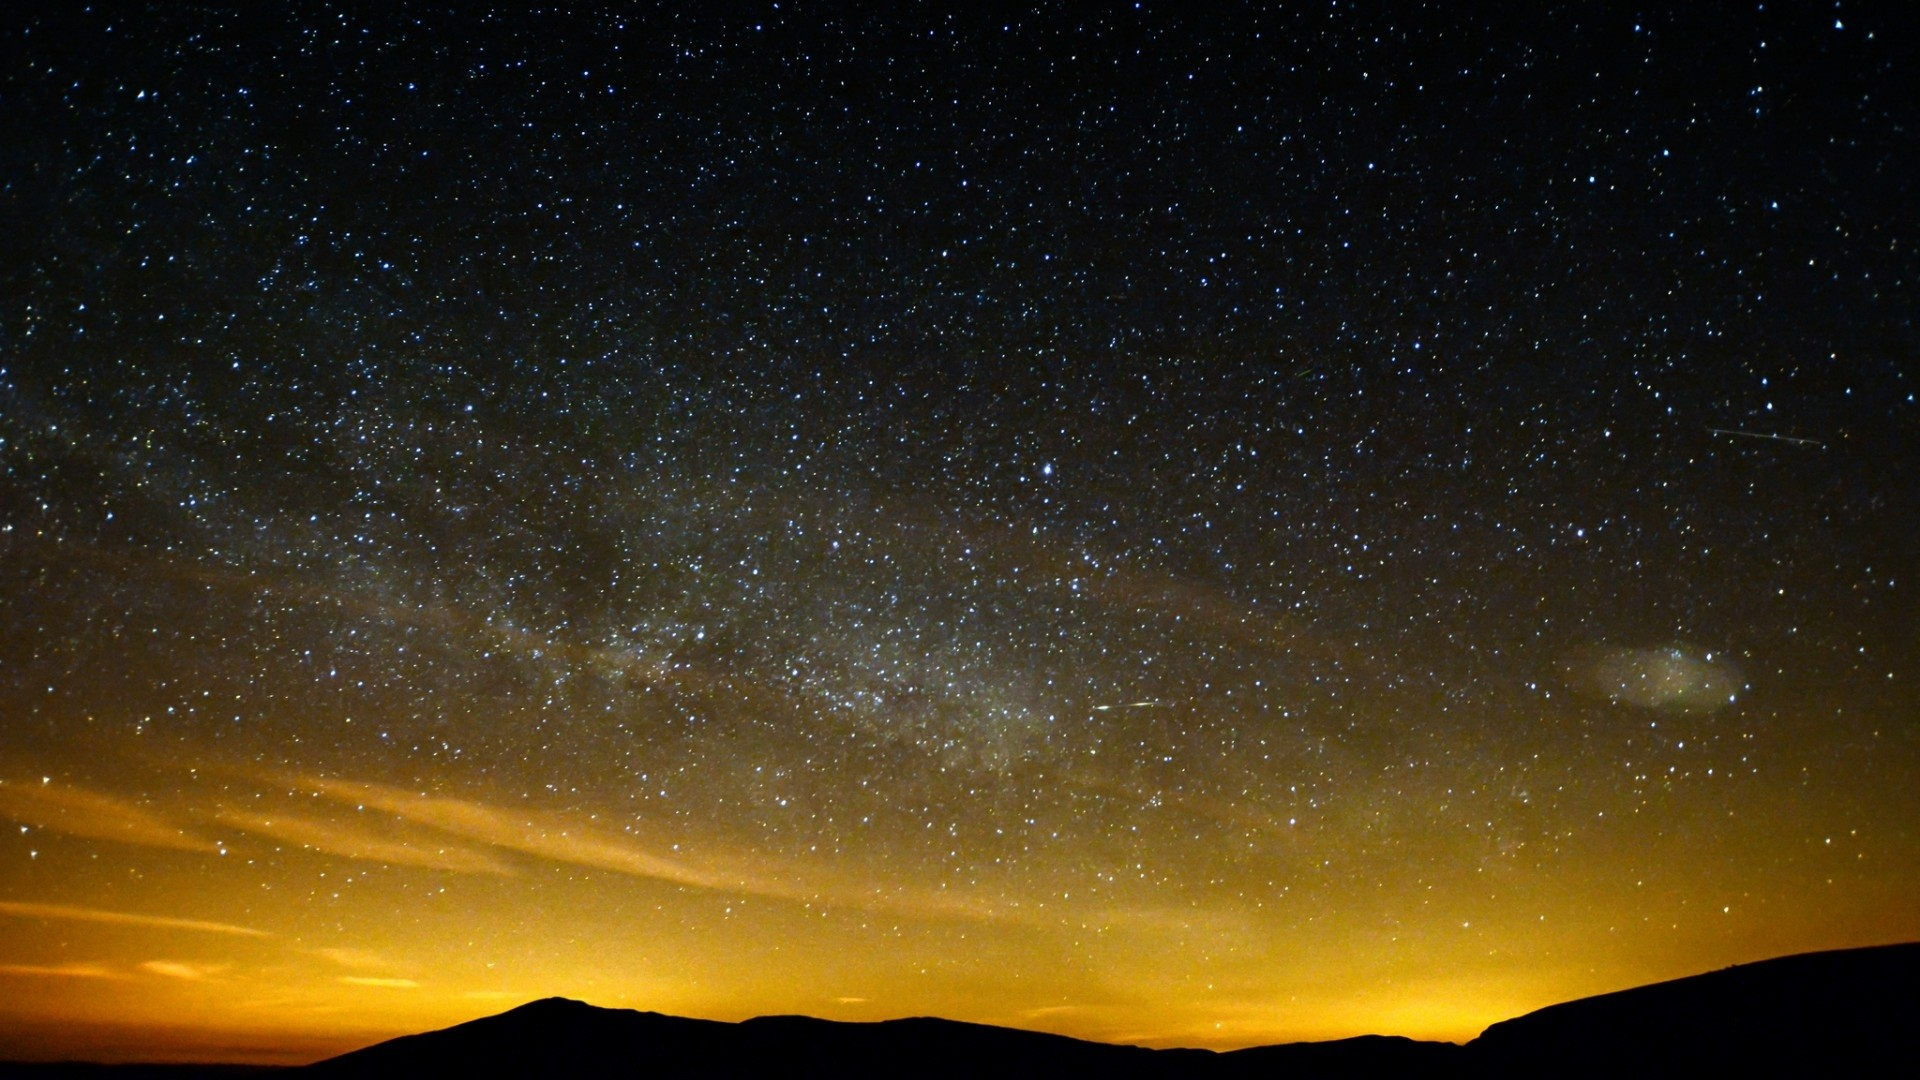 Yellow Stars Space Night